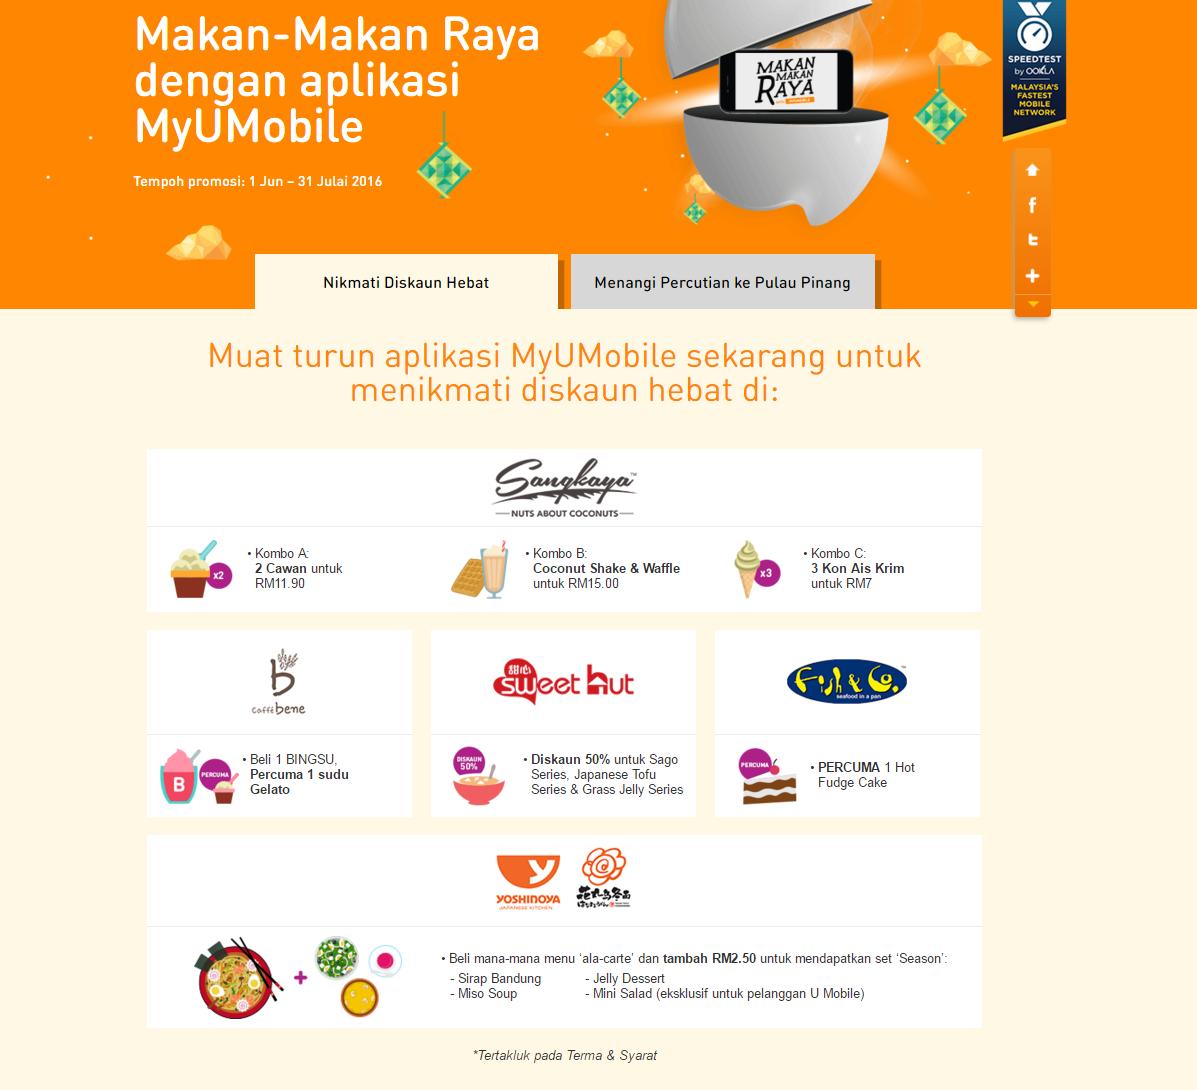 Makan-Makan Raya Bersama U Mobile